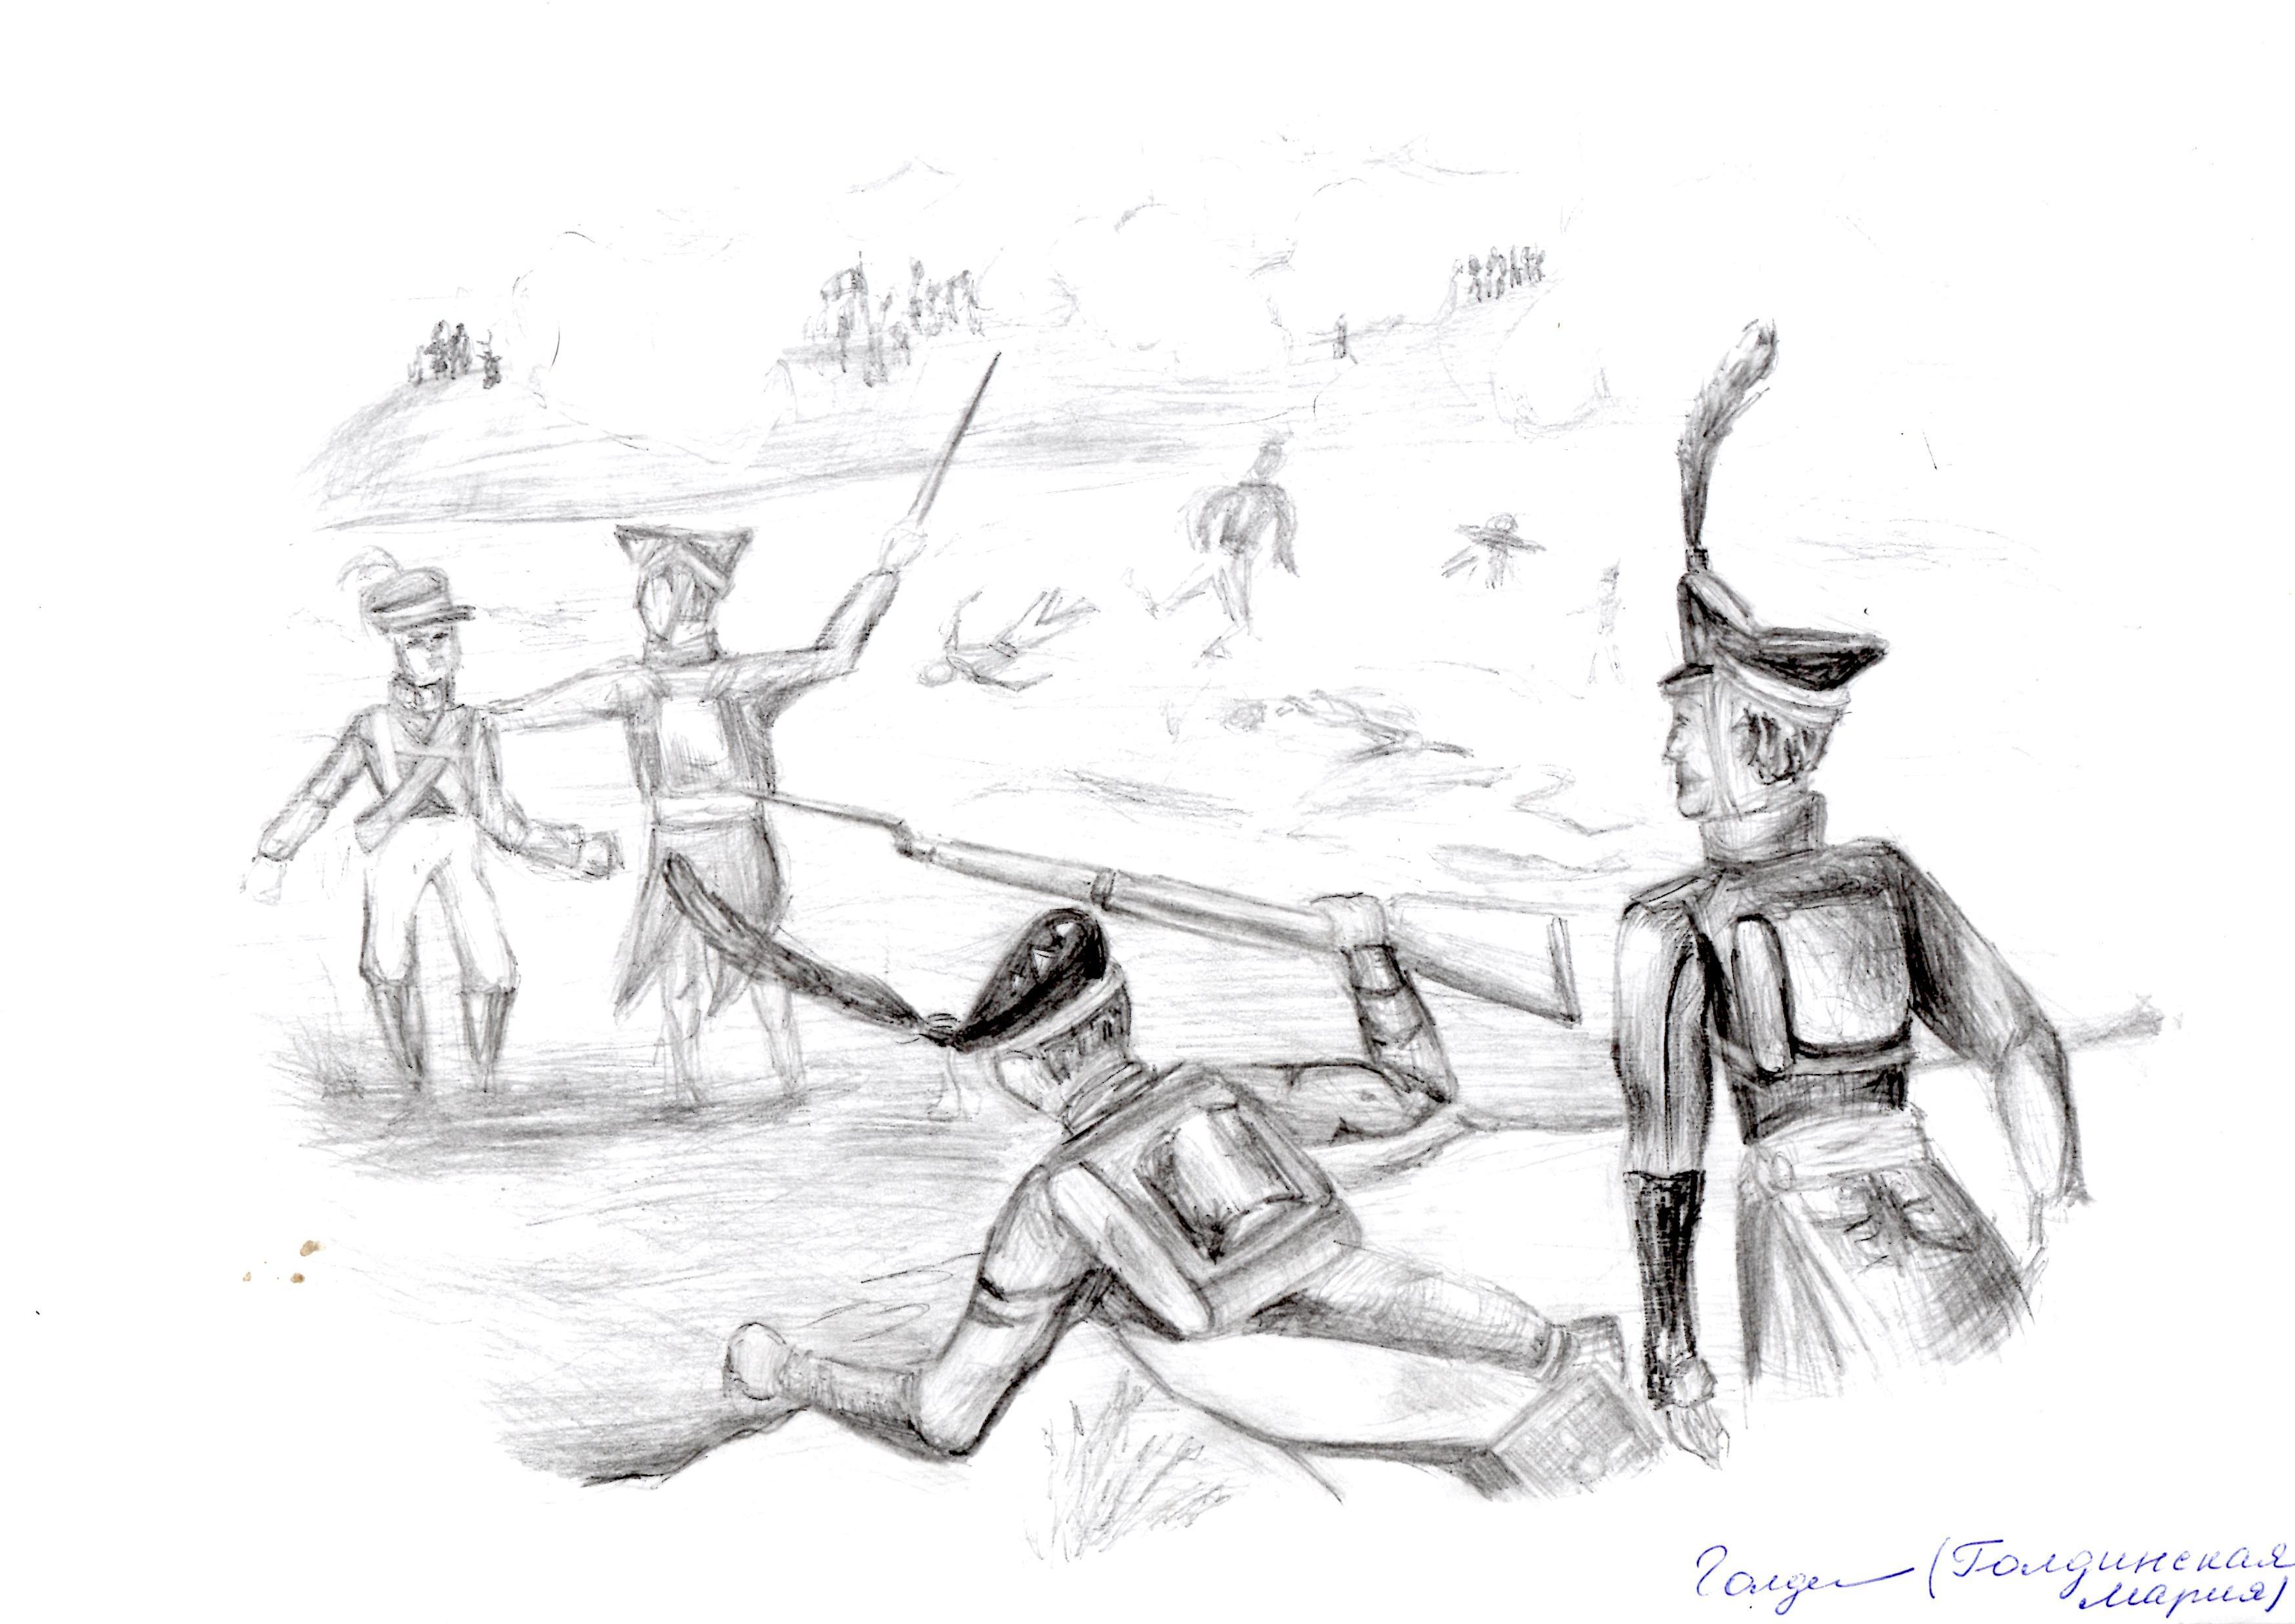 Картинки раскраски бородино сражение для детей